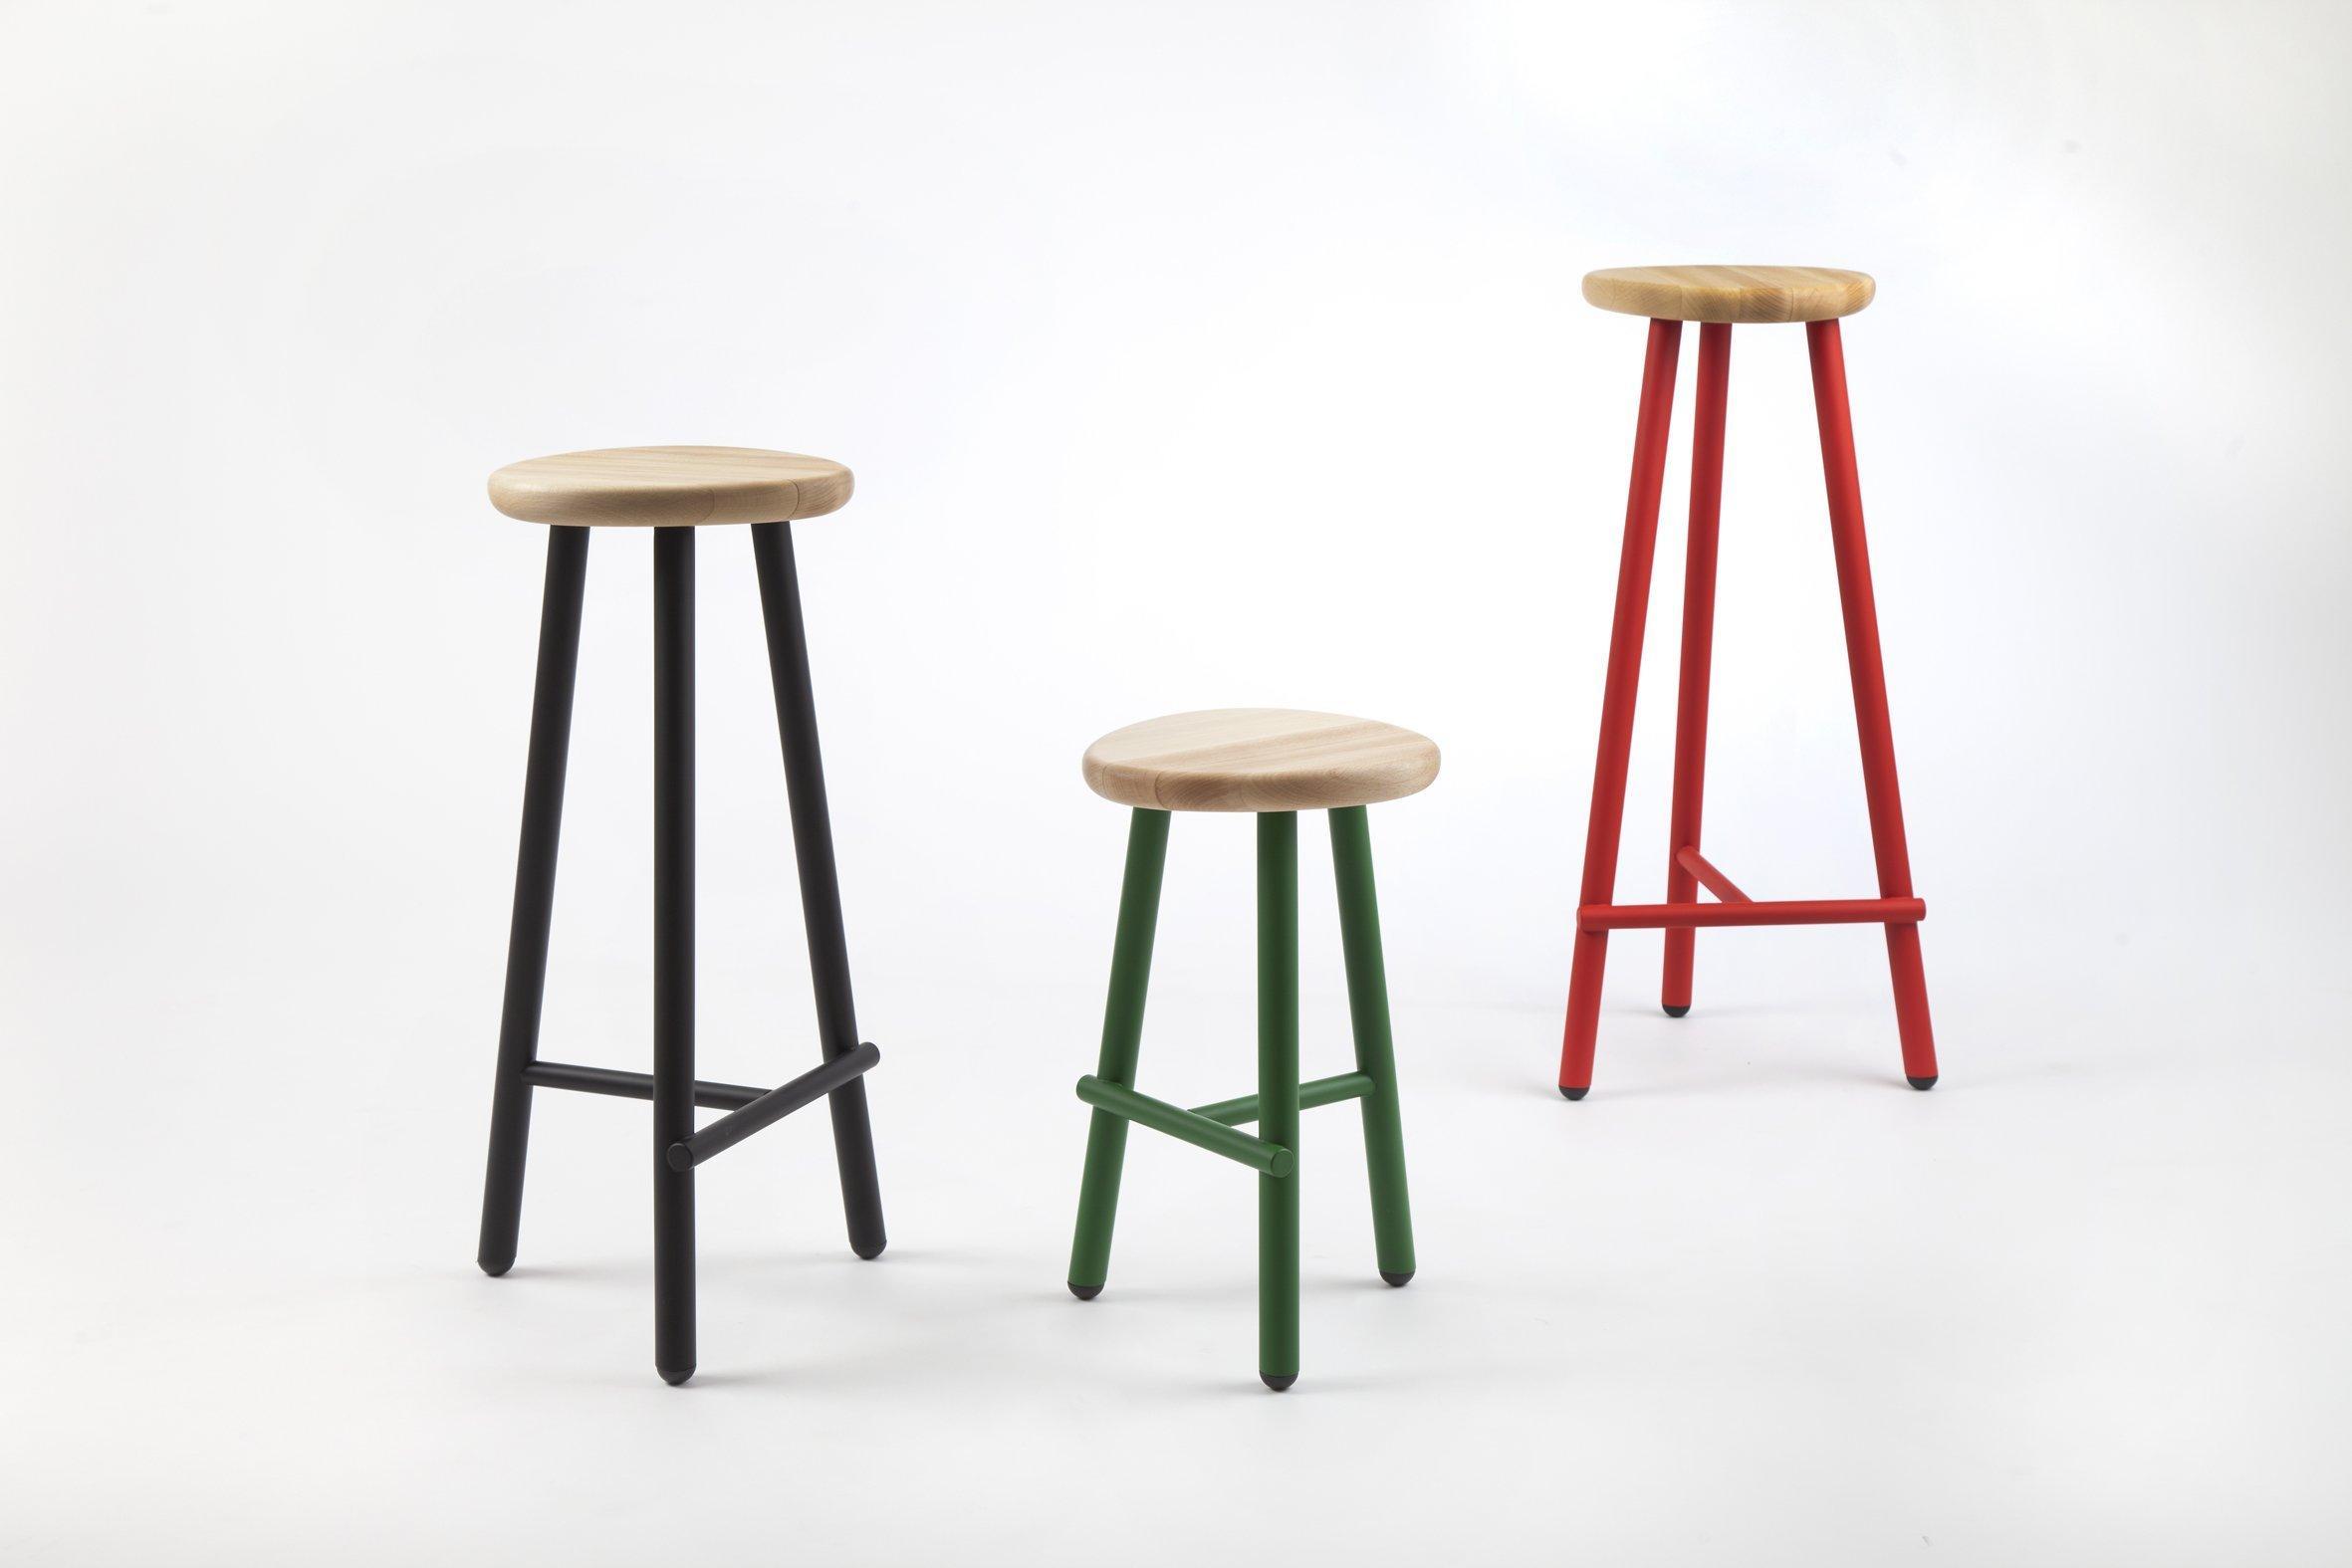 Sedie istruzioni per l acquisto cose di casa for Ikea sedie legno